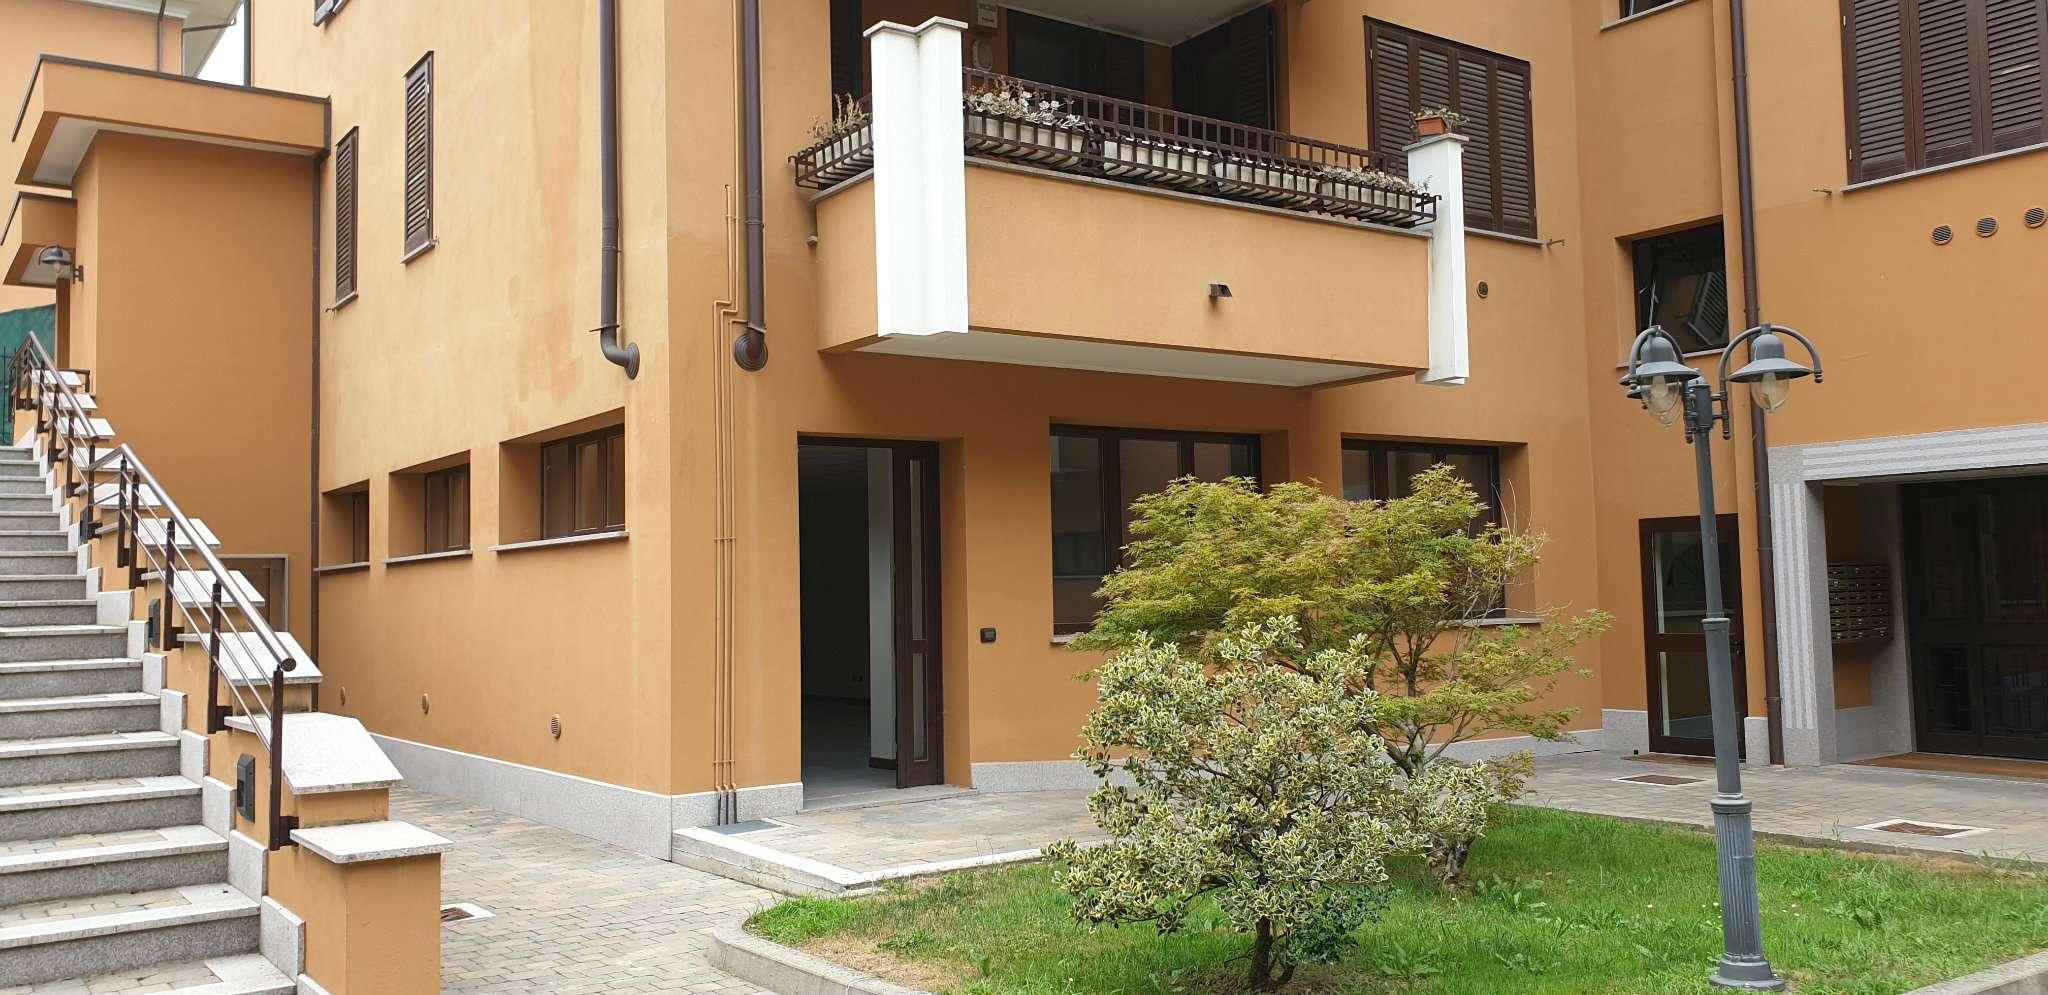 Appartamento in vendita a Peschiera Borromeo, 1 locali, prezzo € 110.000   CambioCasa.it